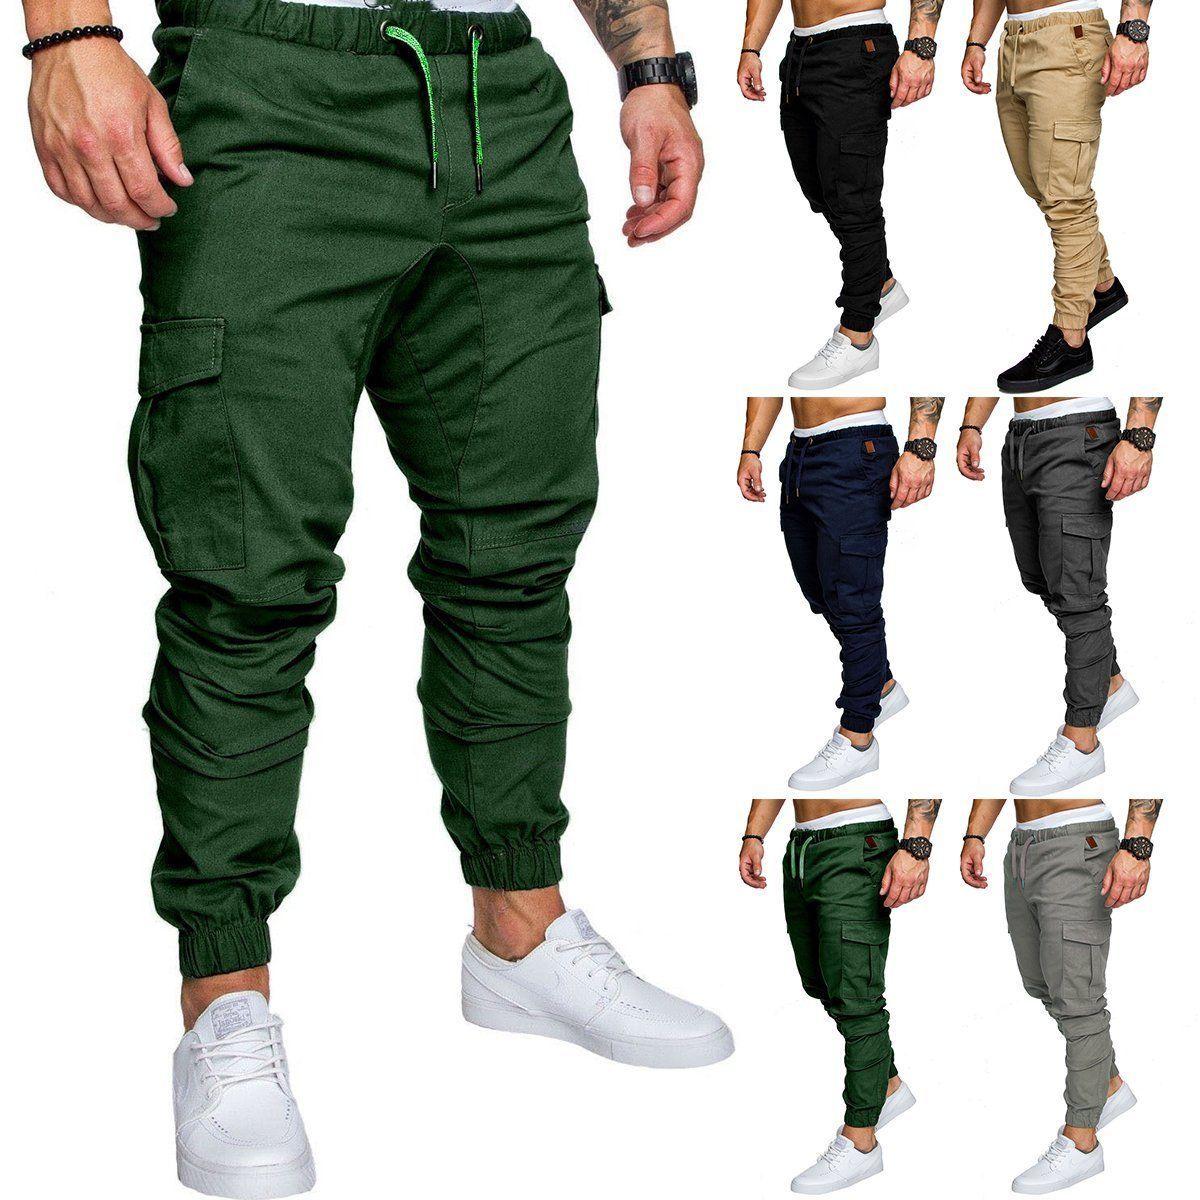 Men s Sport Pants Long Trousers Tracksuit Fitness Workout Joggers Gym  Sweatpants 31563c095